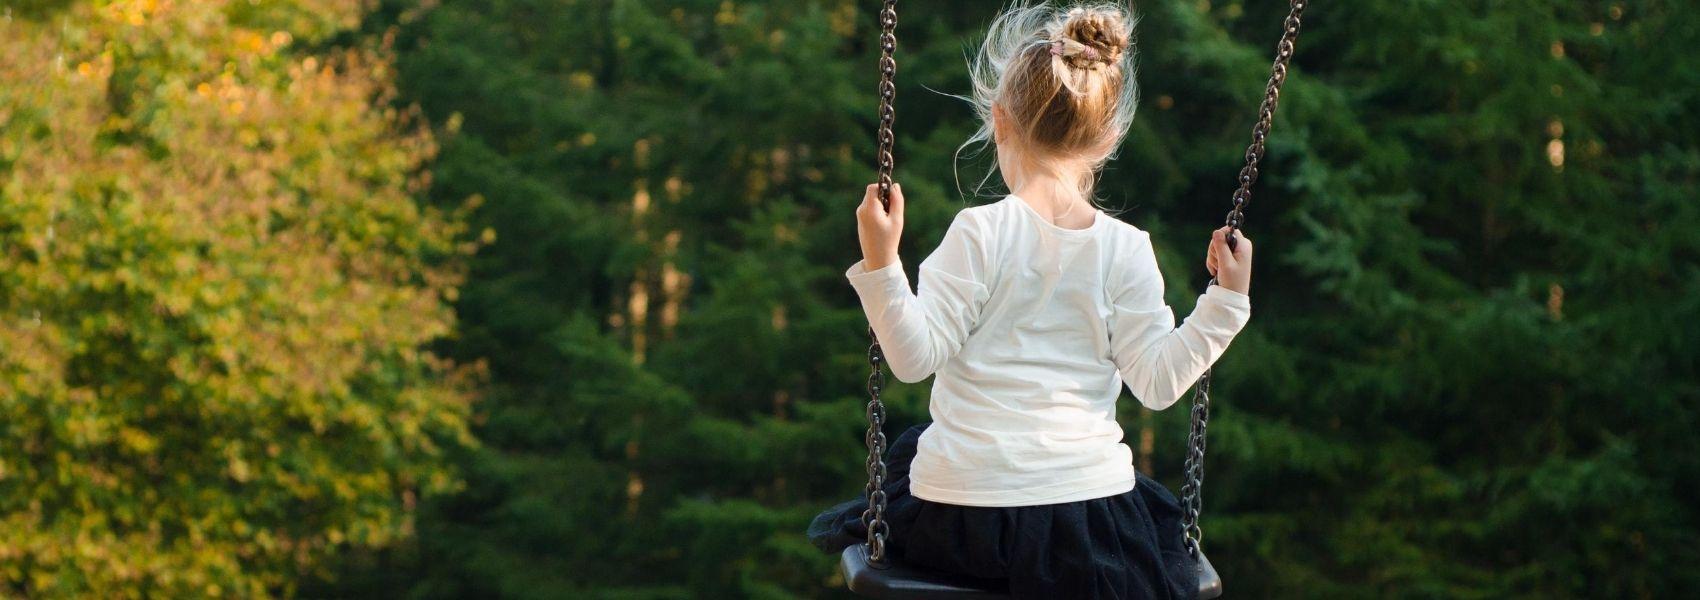 desigualdades sociais e saúde das crianças